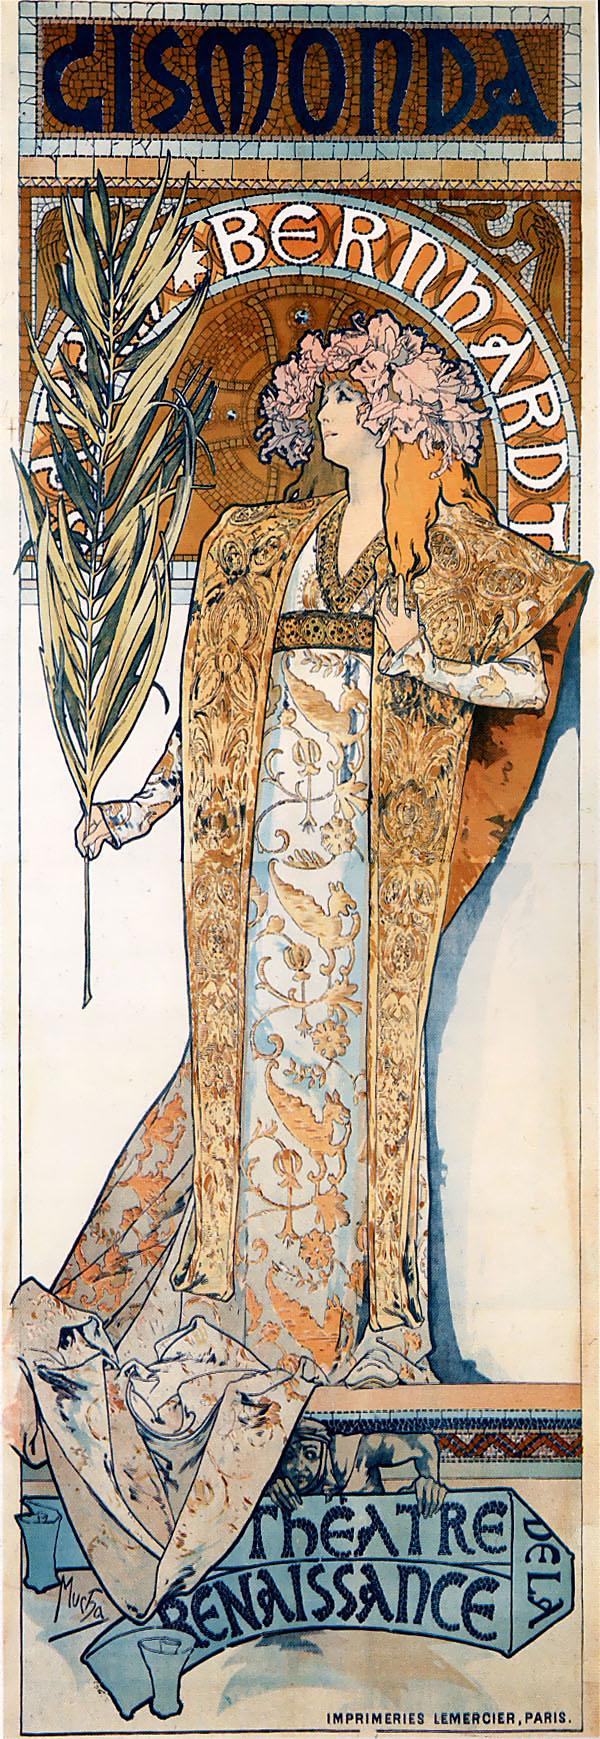 『ジスモンダ』は1894年にアルフォンス・ミュシャによって制作されたポスター。ミュシャが初めて制作したポスターであり、ミュシャの出世作。